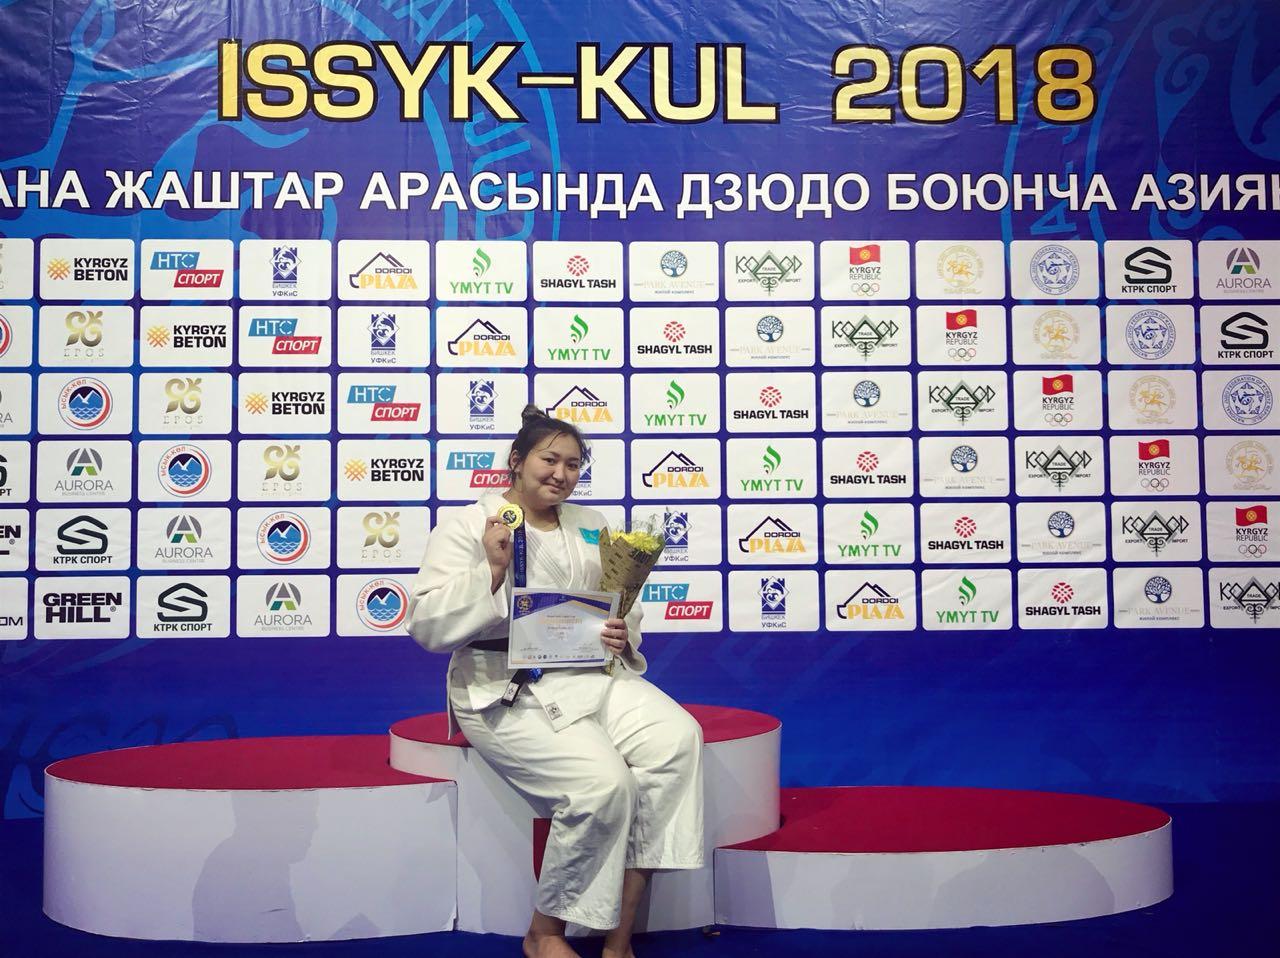 Кәмила Берлікаш, дзюдошы